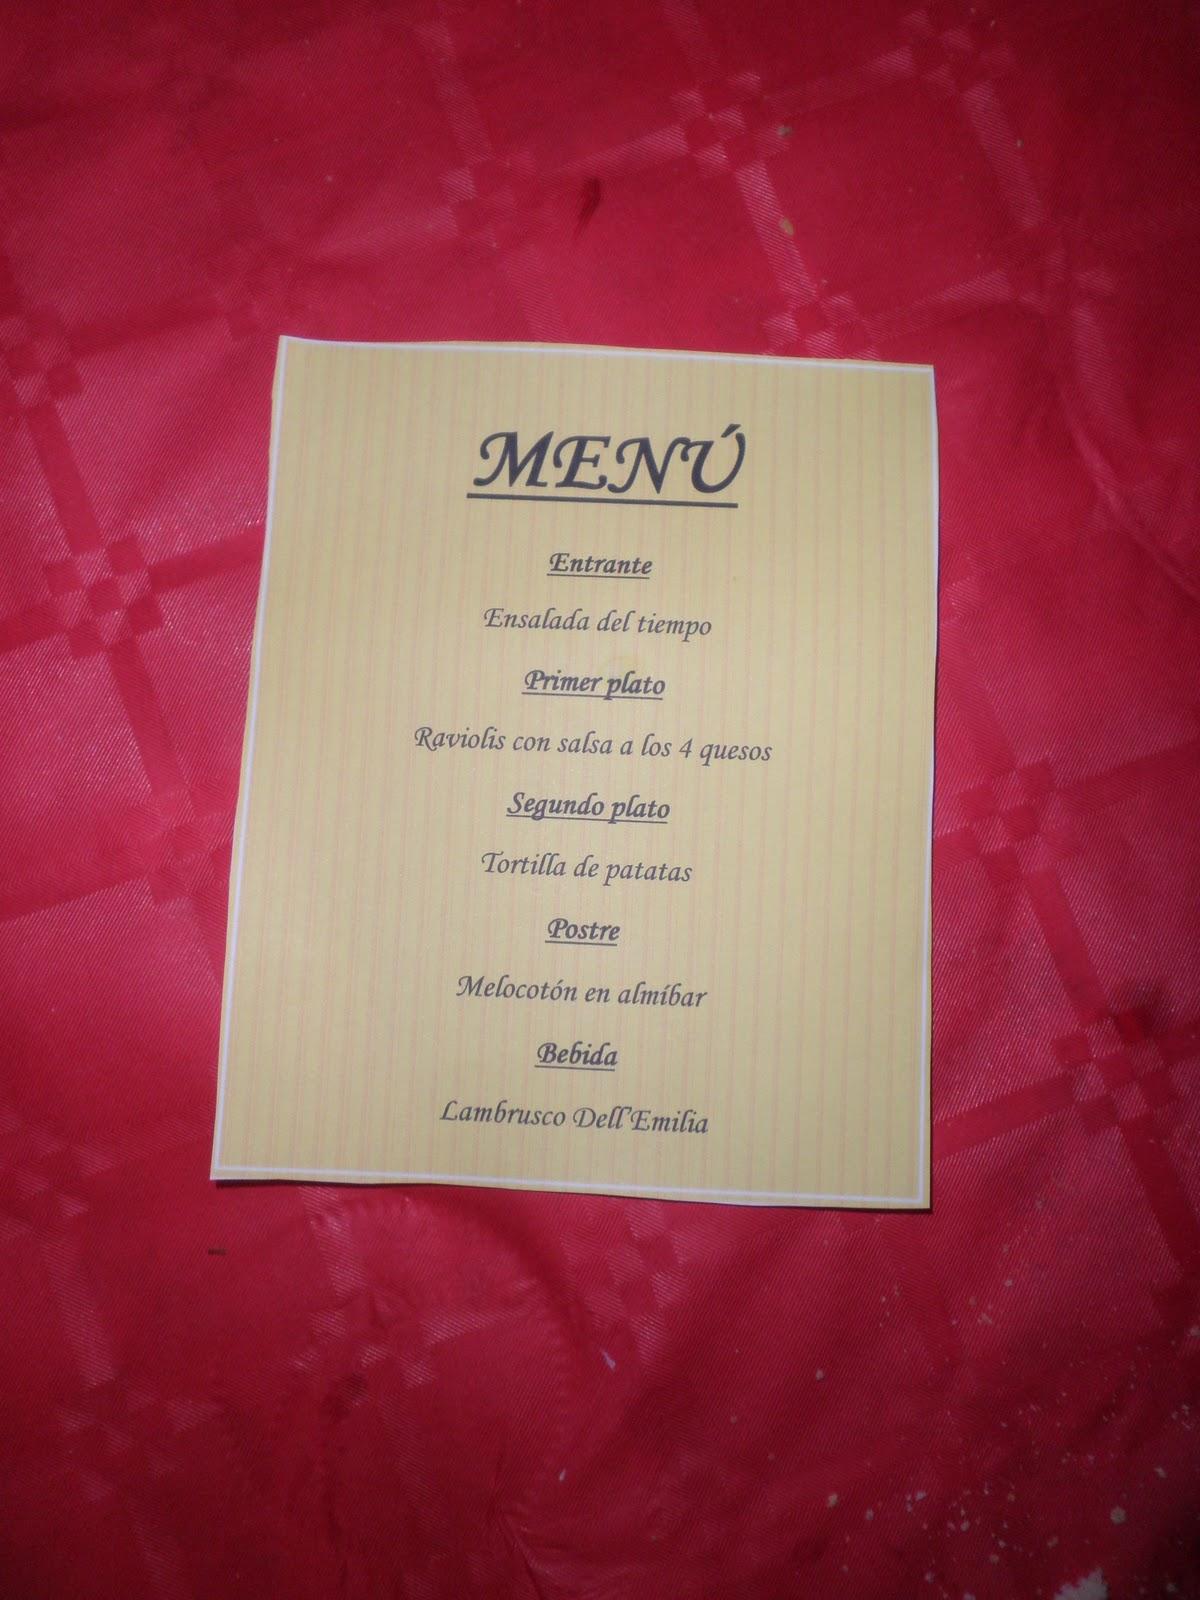 Regalos manuales de amor la cena rom ntica for Cena romantica para mi novio